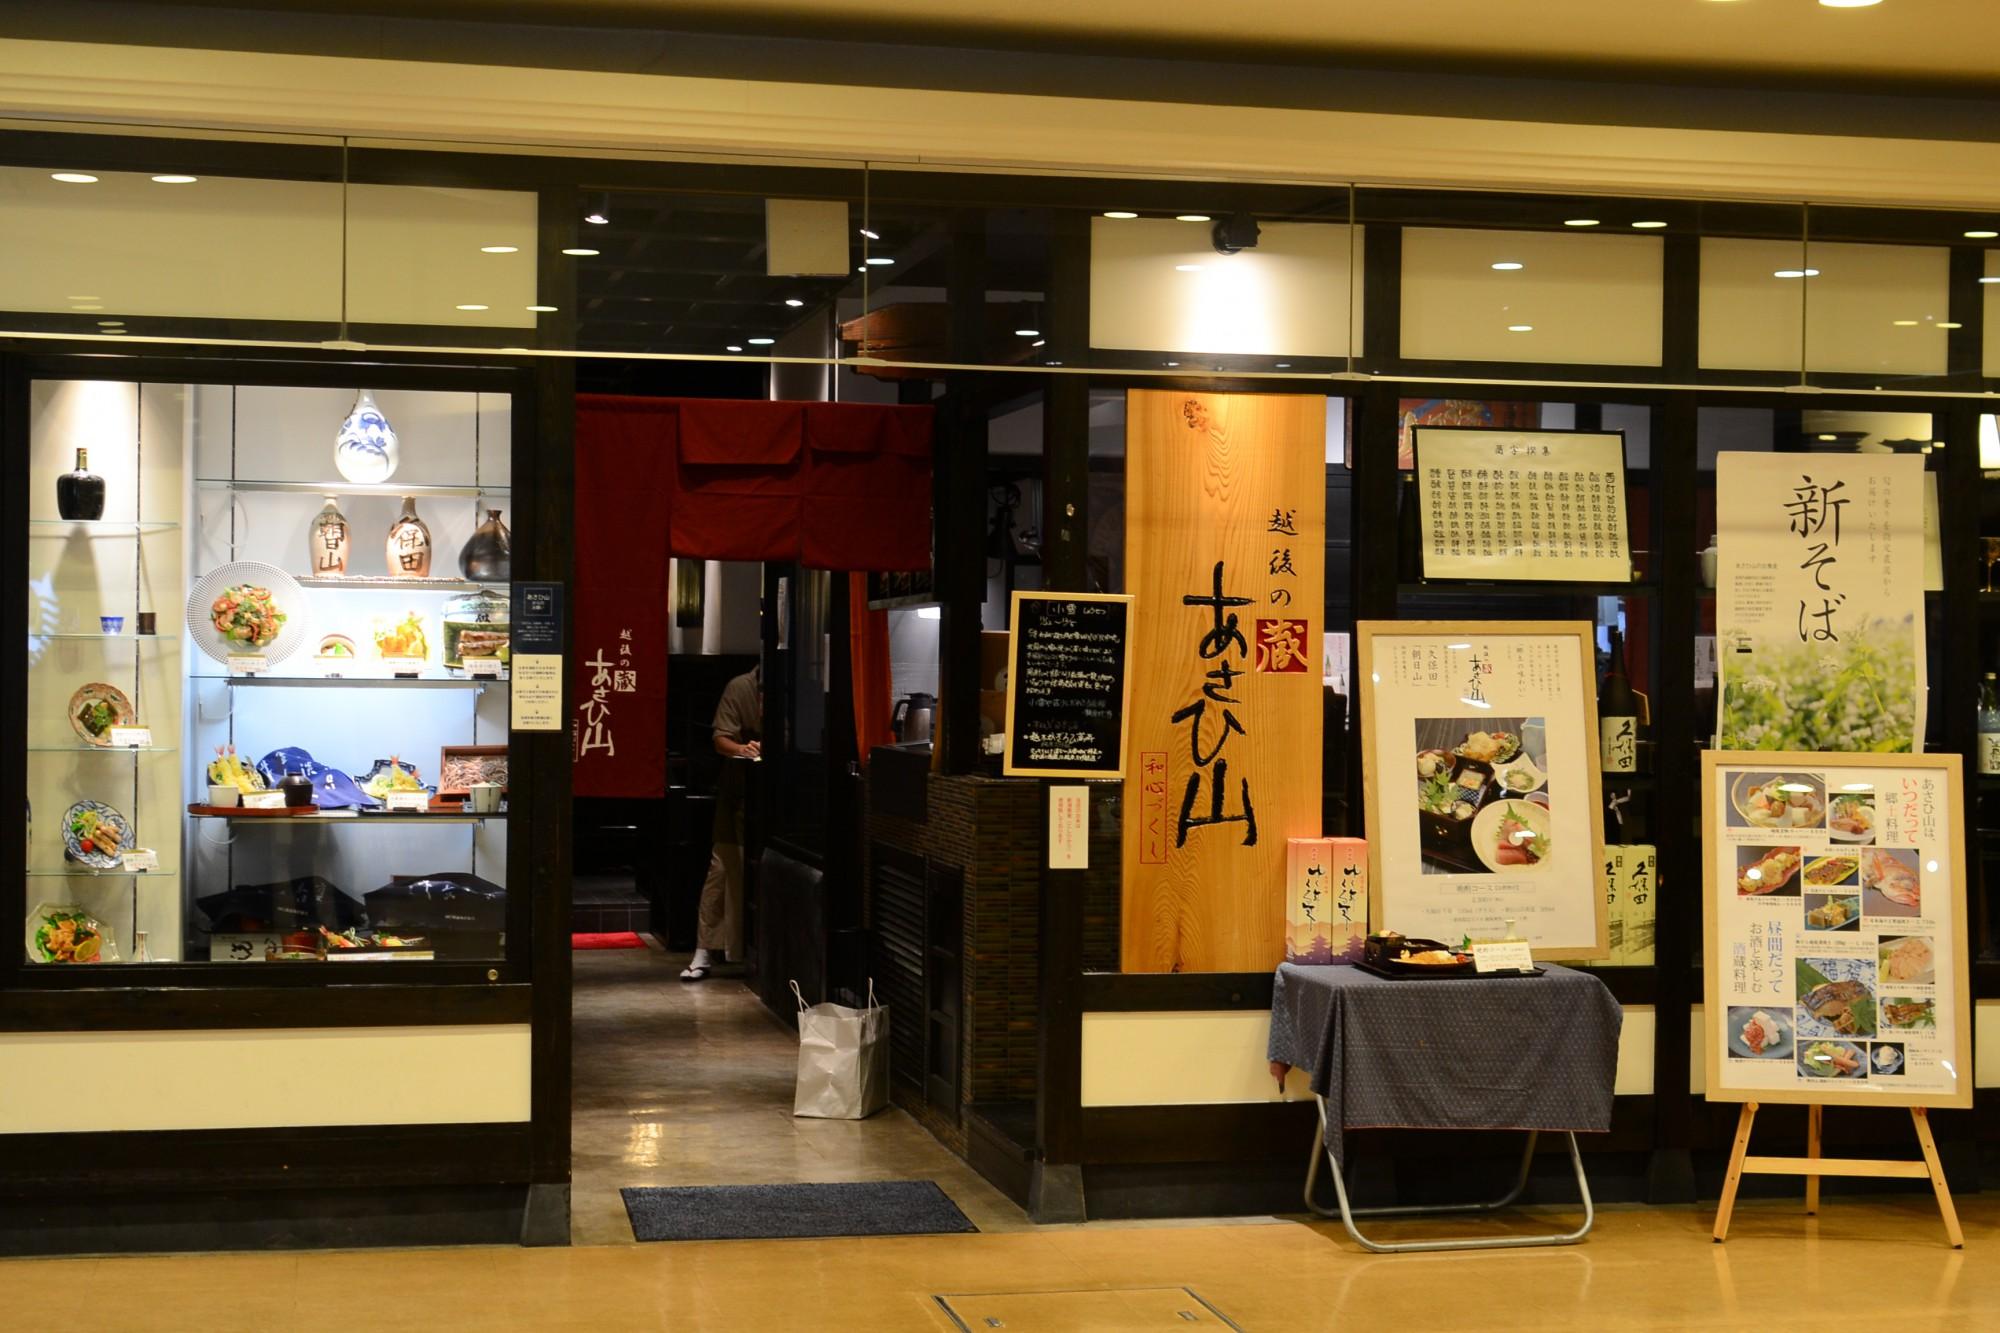 本館1階レストランフロア、STARBUCKS COFFEE向かいにある。